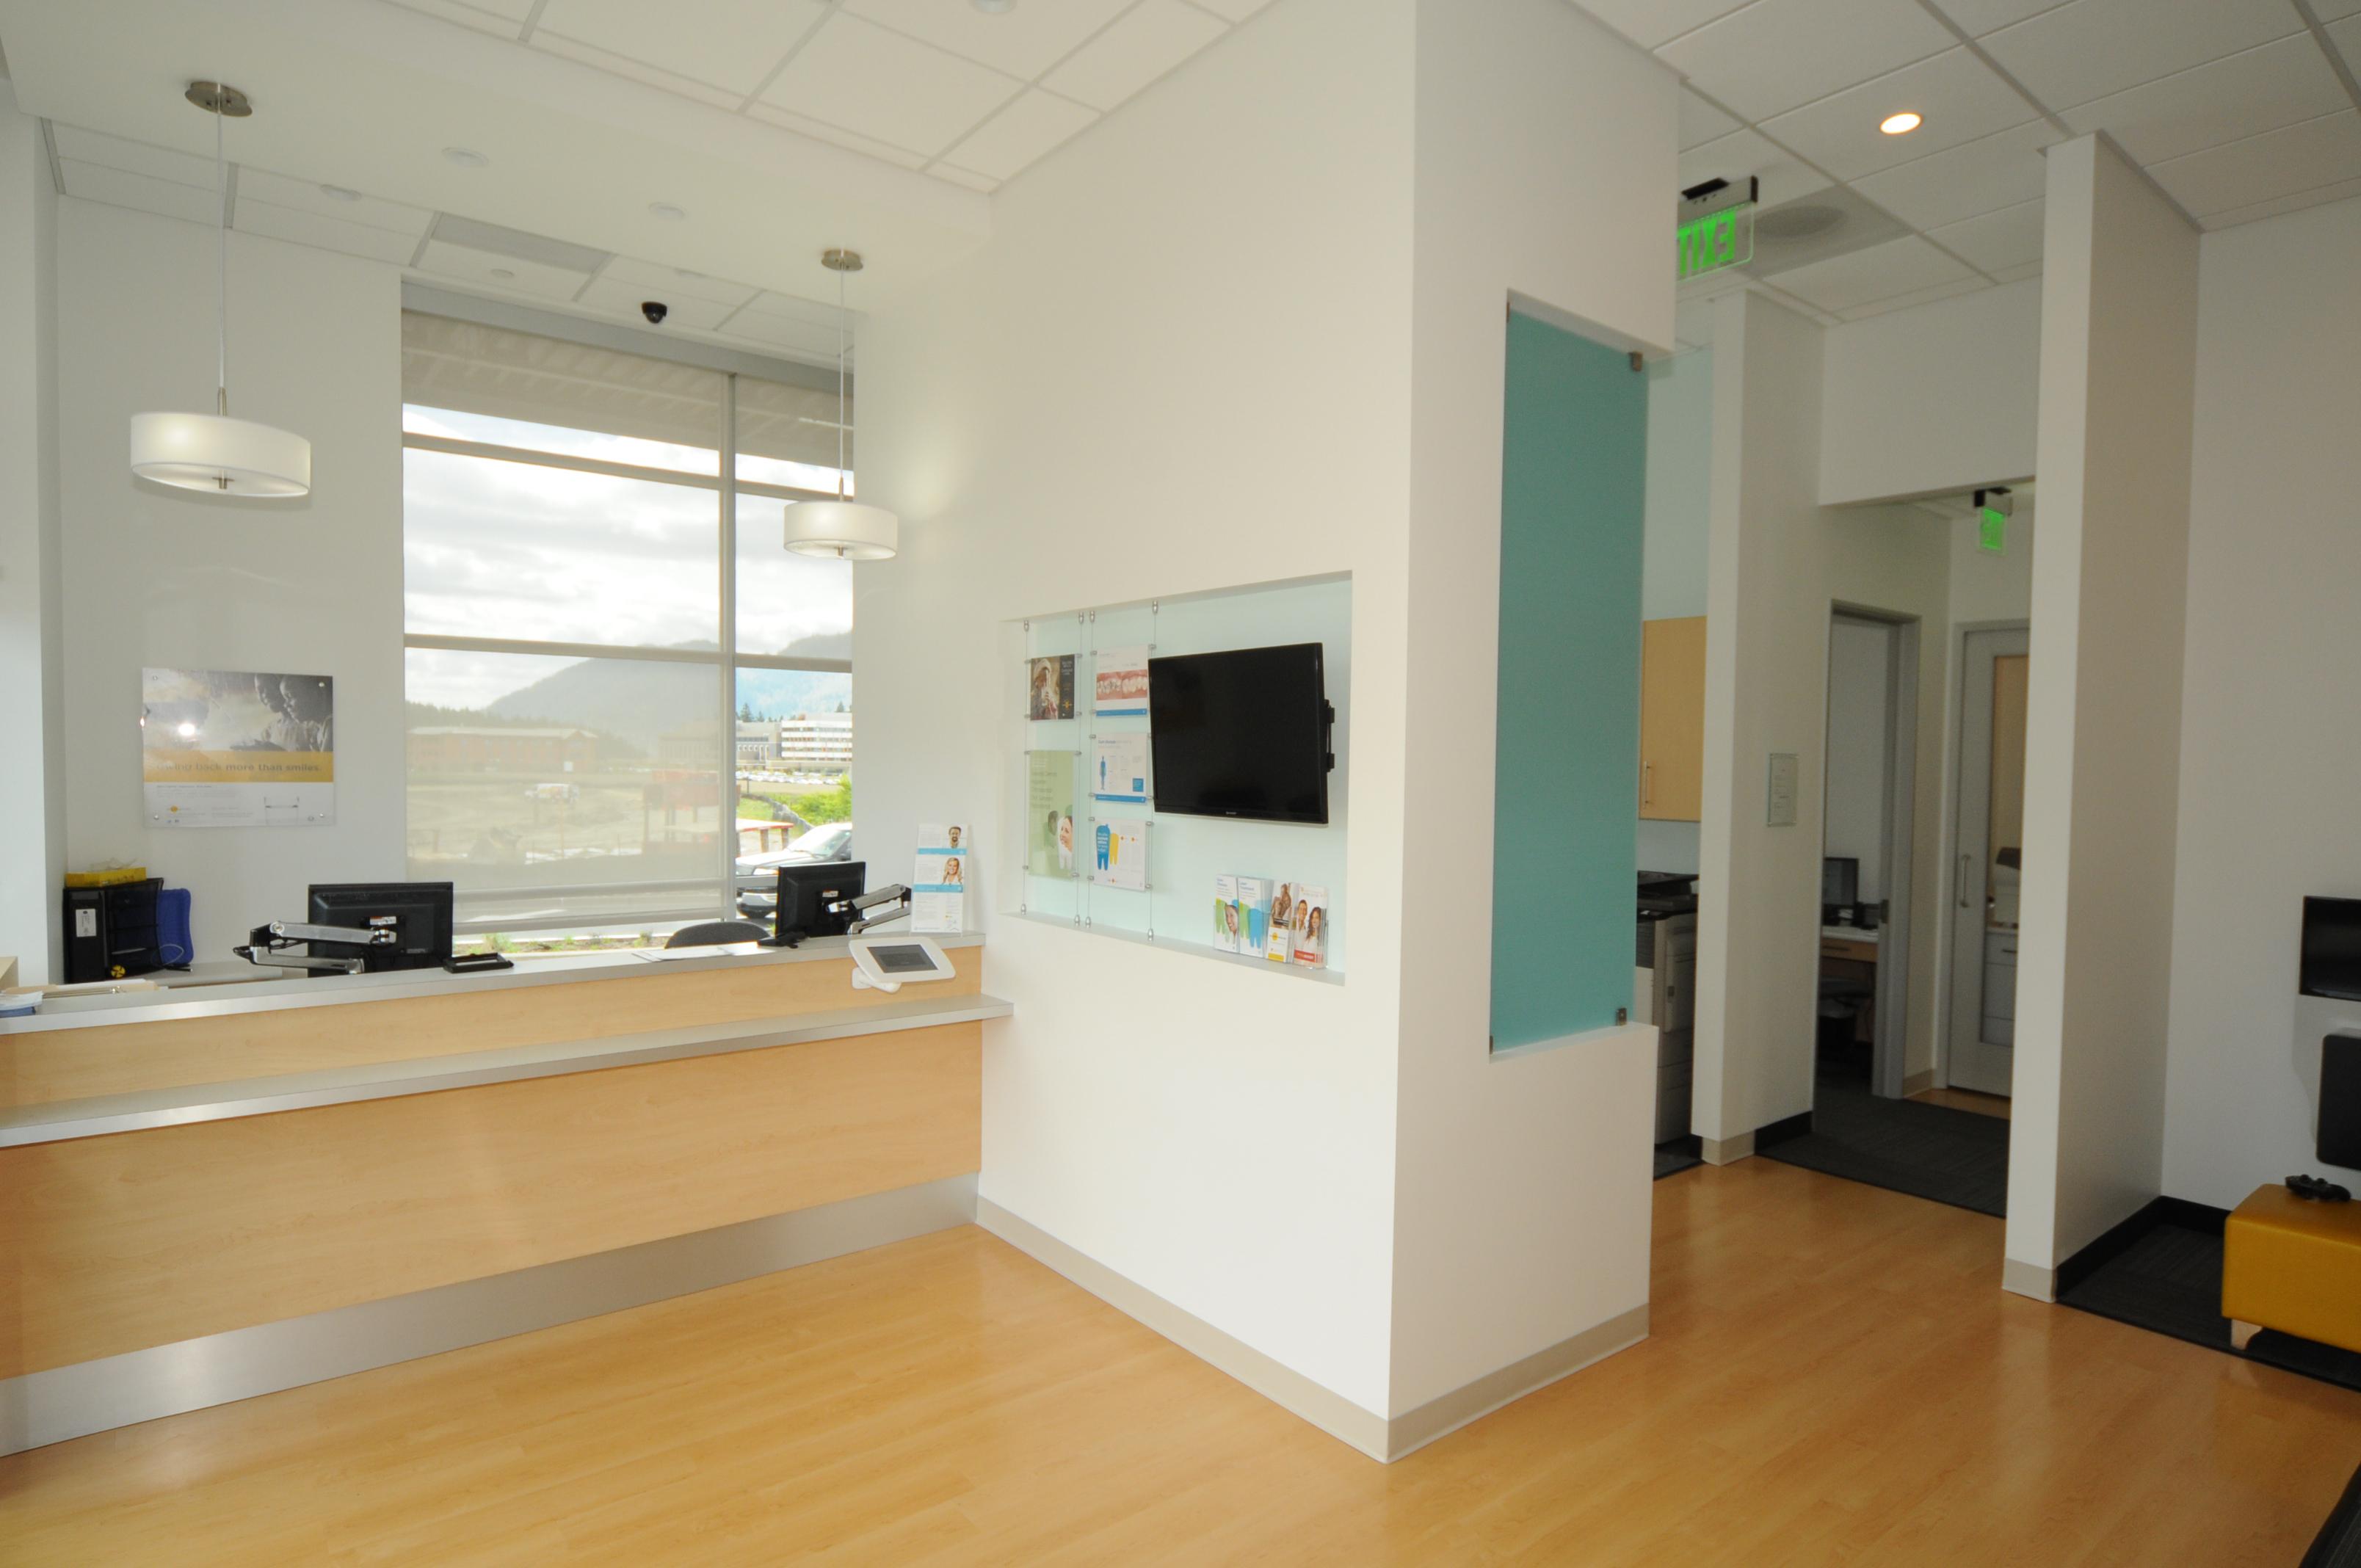 Issaquah Highlands Dental Group image 4